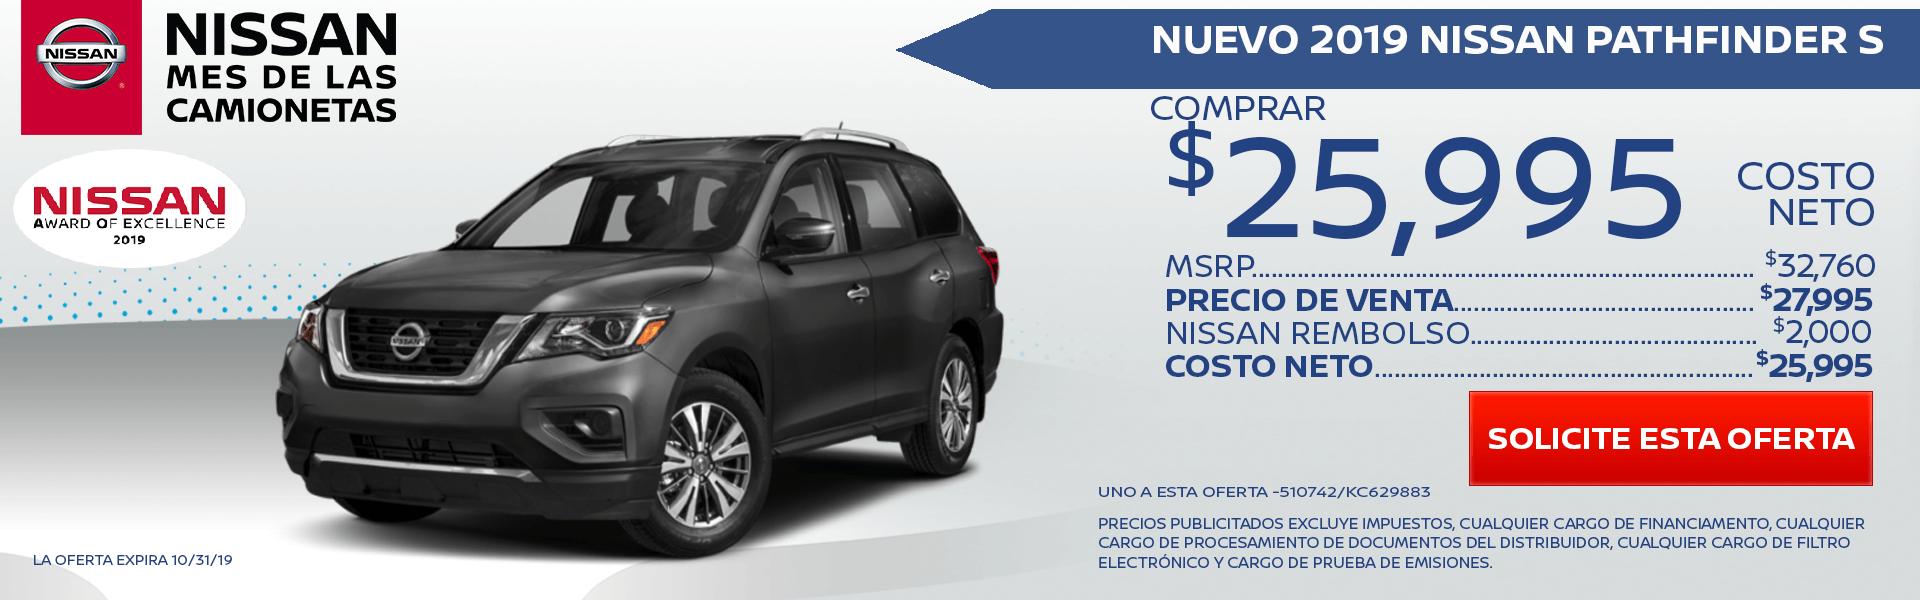 Mire estas nuevas ofertas especiales de alquiler y financiamiento para el flamante Nissan Pathfinder. ¡Pida más información a nuestro concesionario de El Monte!